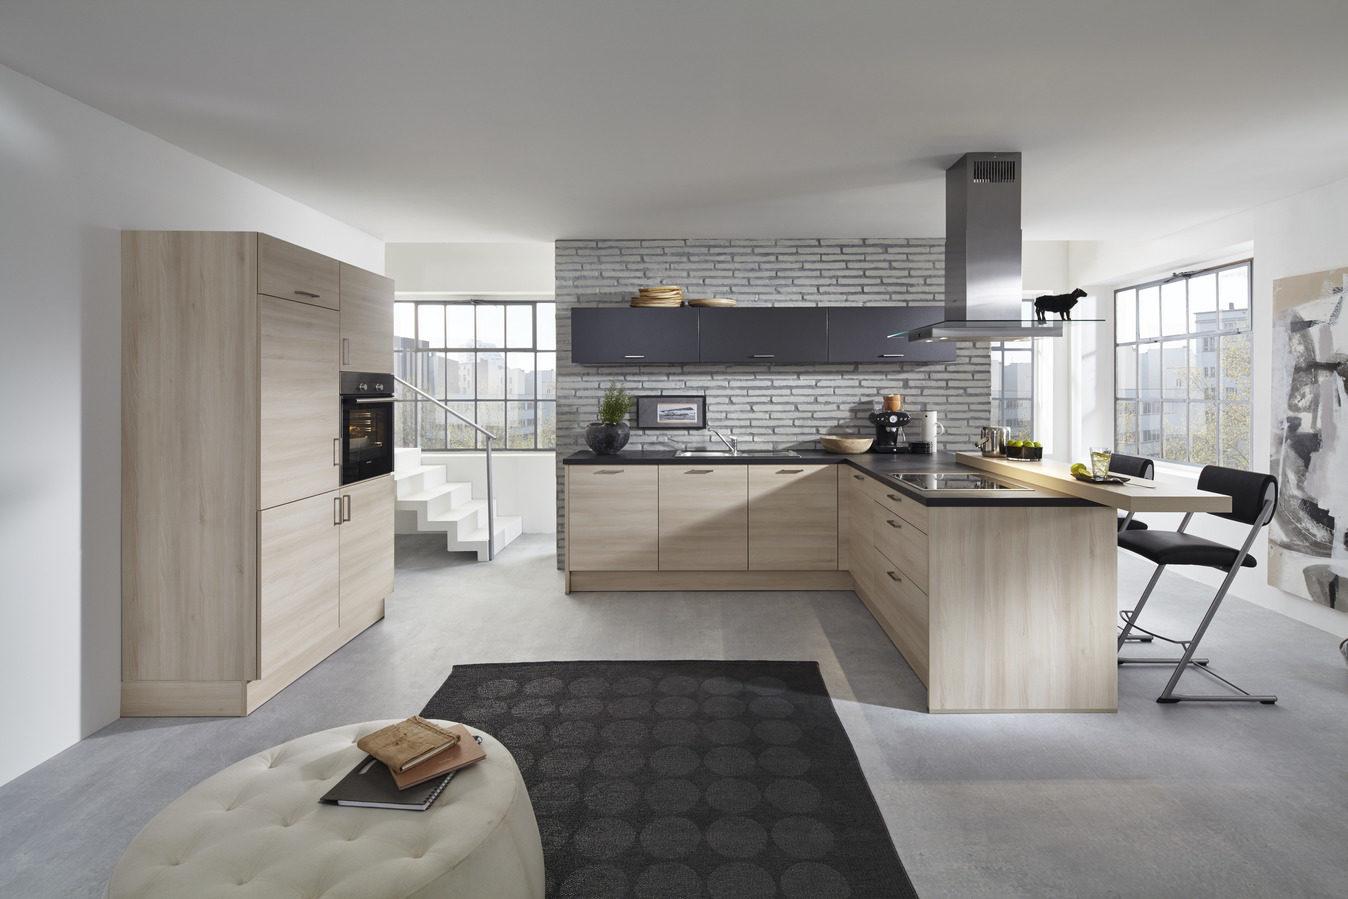 Nett Möbel Boer Küchen Galerie - Die Designideen für Badezimmer ...